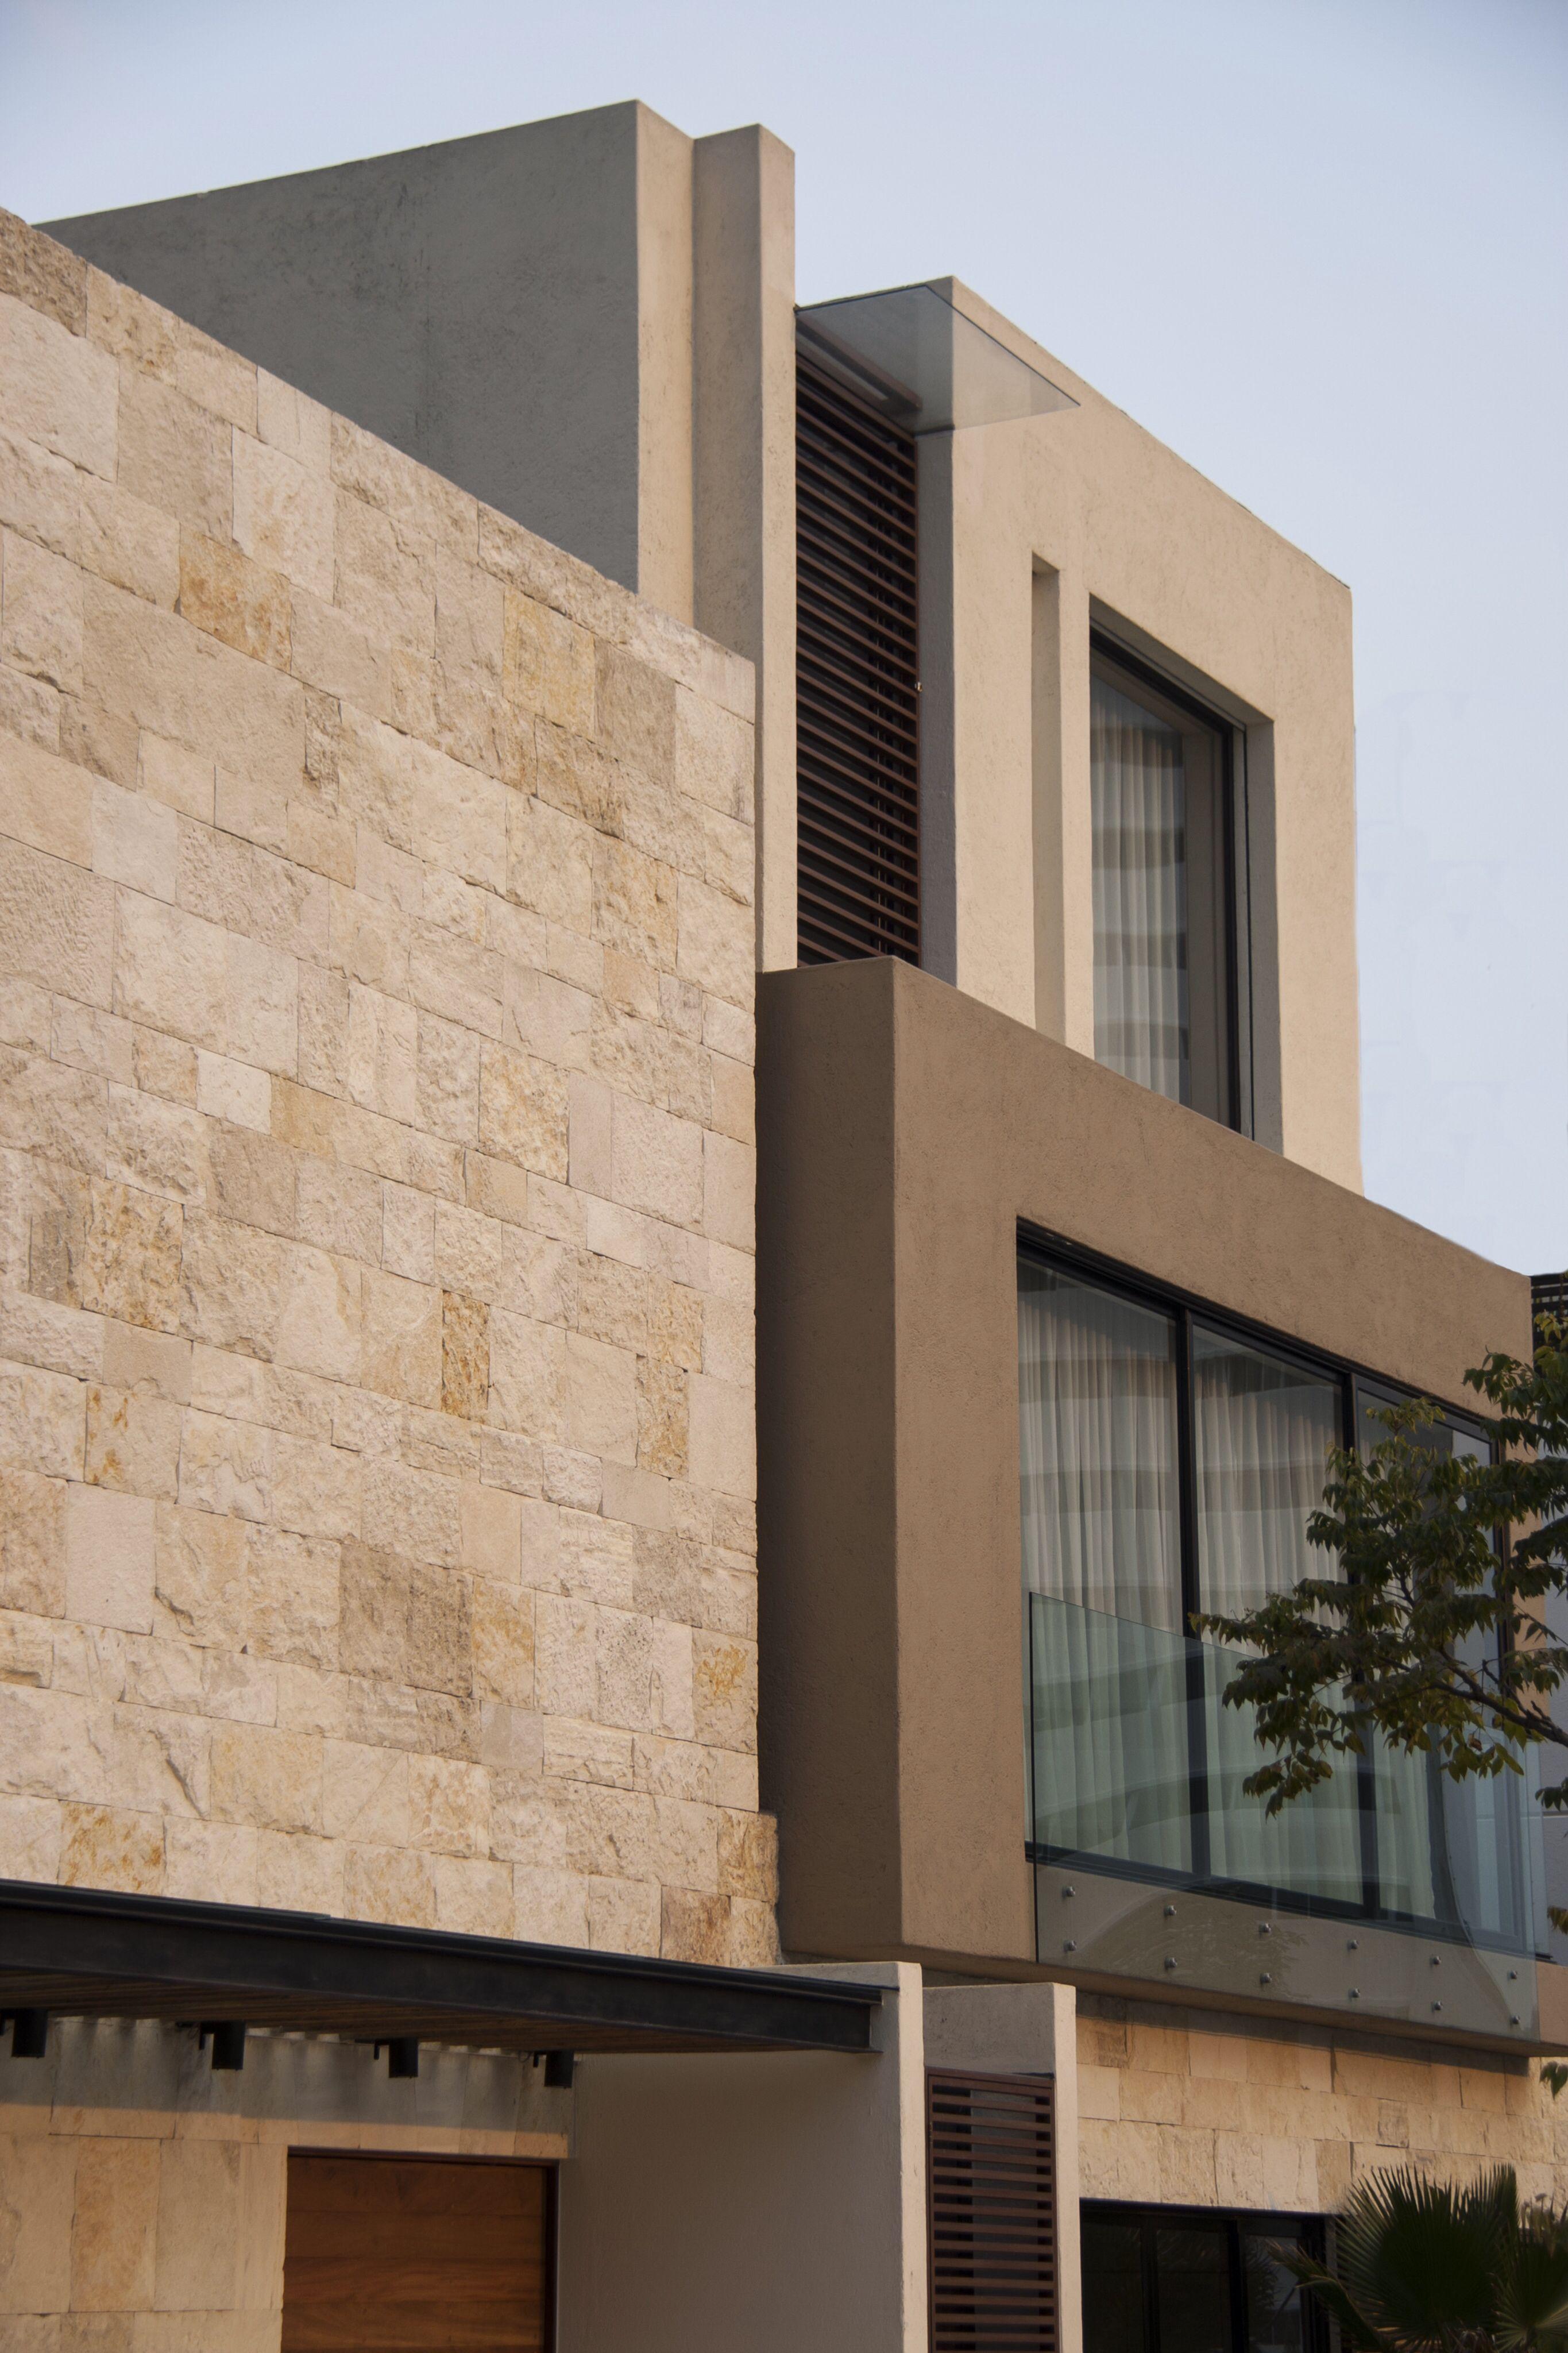 Casa ss fachada muros de piedra canceleria de for Fachada de casas